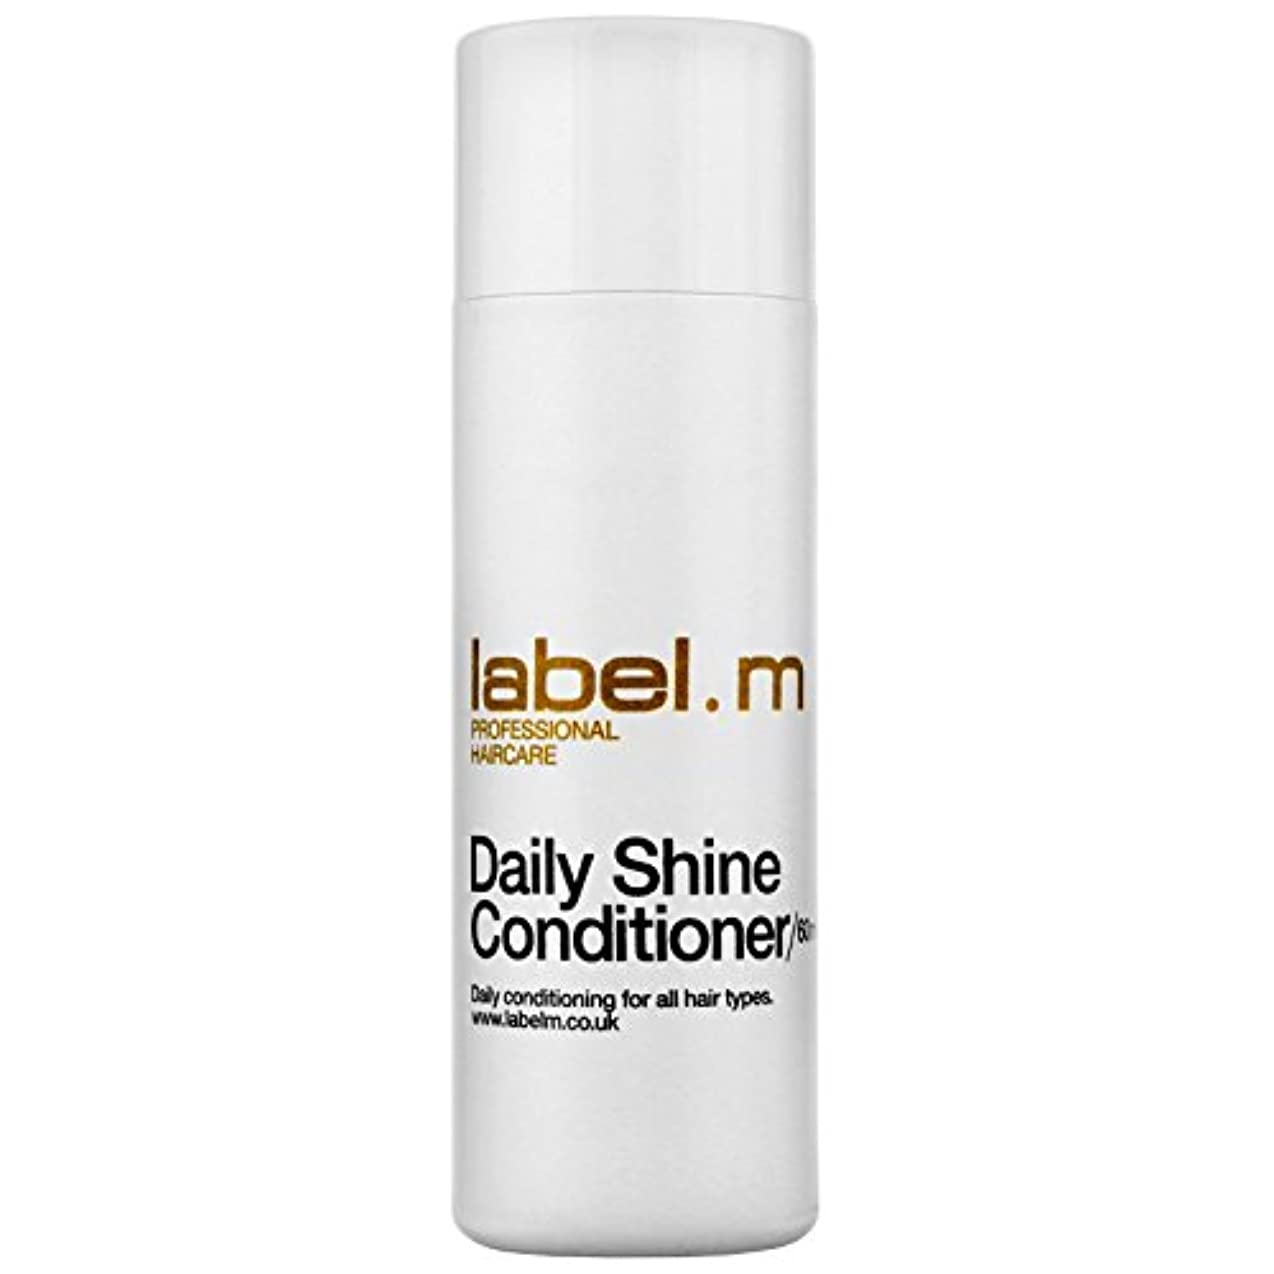 袋海峡施設Label.M Professional Haircare ラベルMデイリーシャインコンディショナー60ミリリットルによって条件